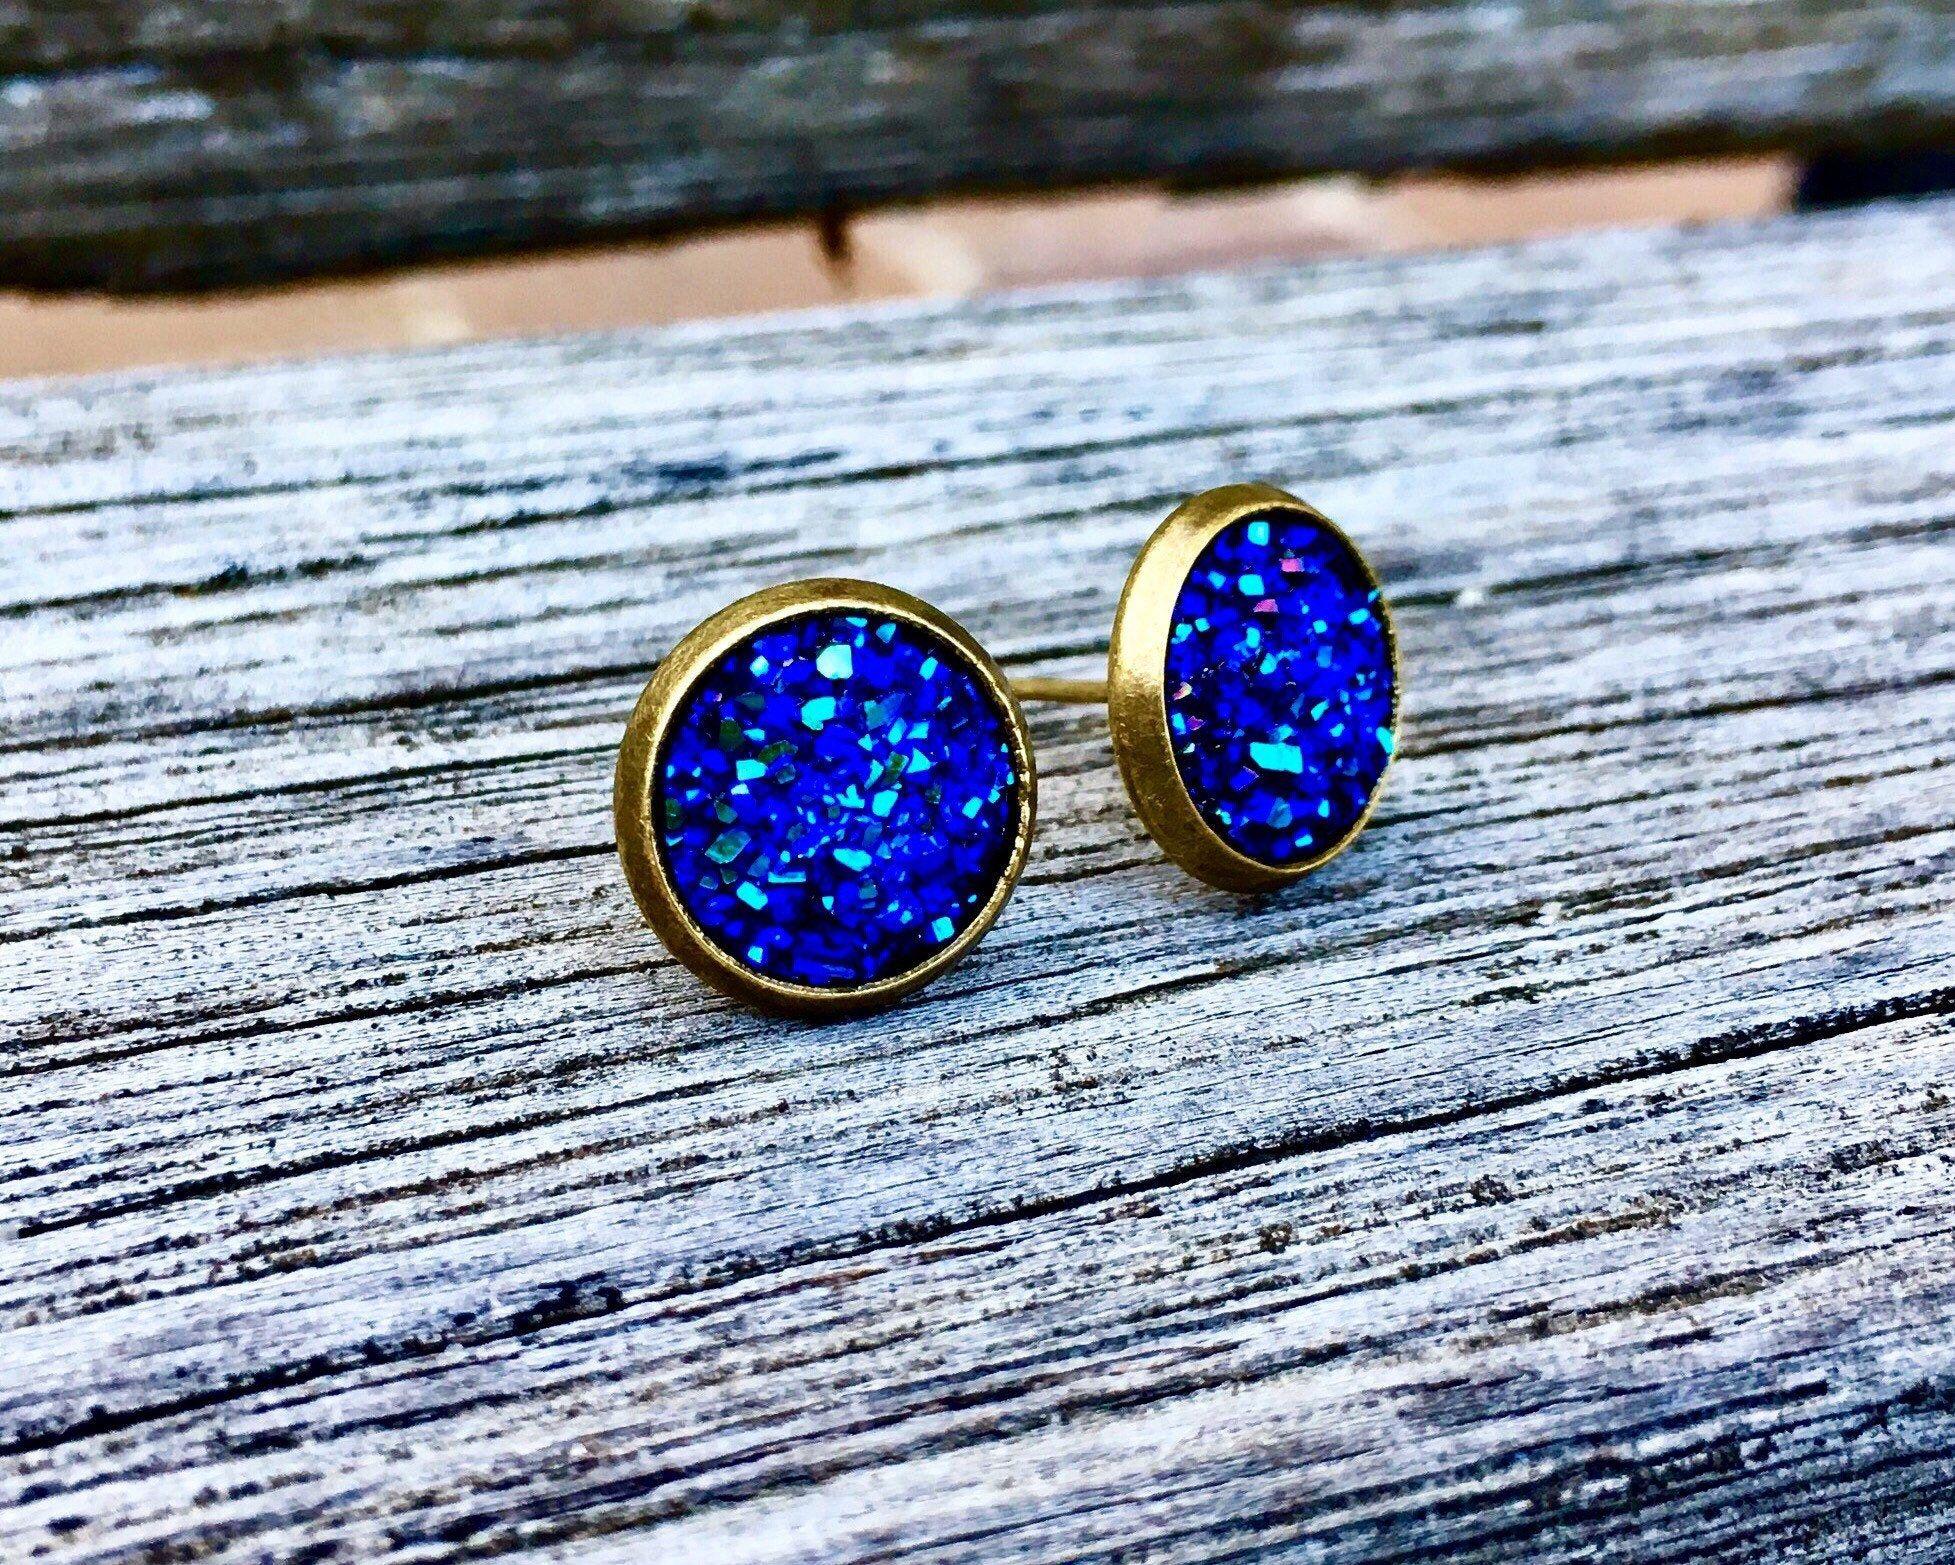 10mm PurpleBlue Stainless Steel Faux Druzy Stud Earring